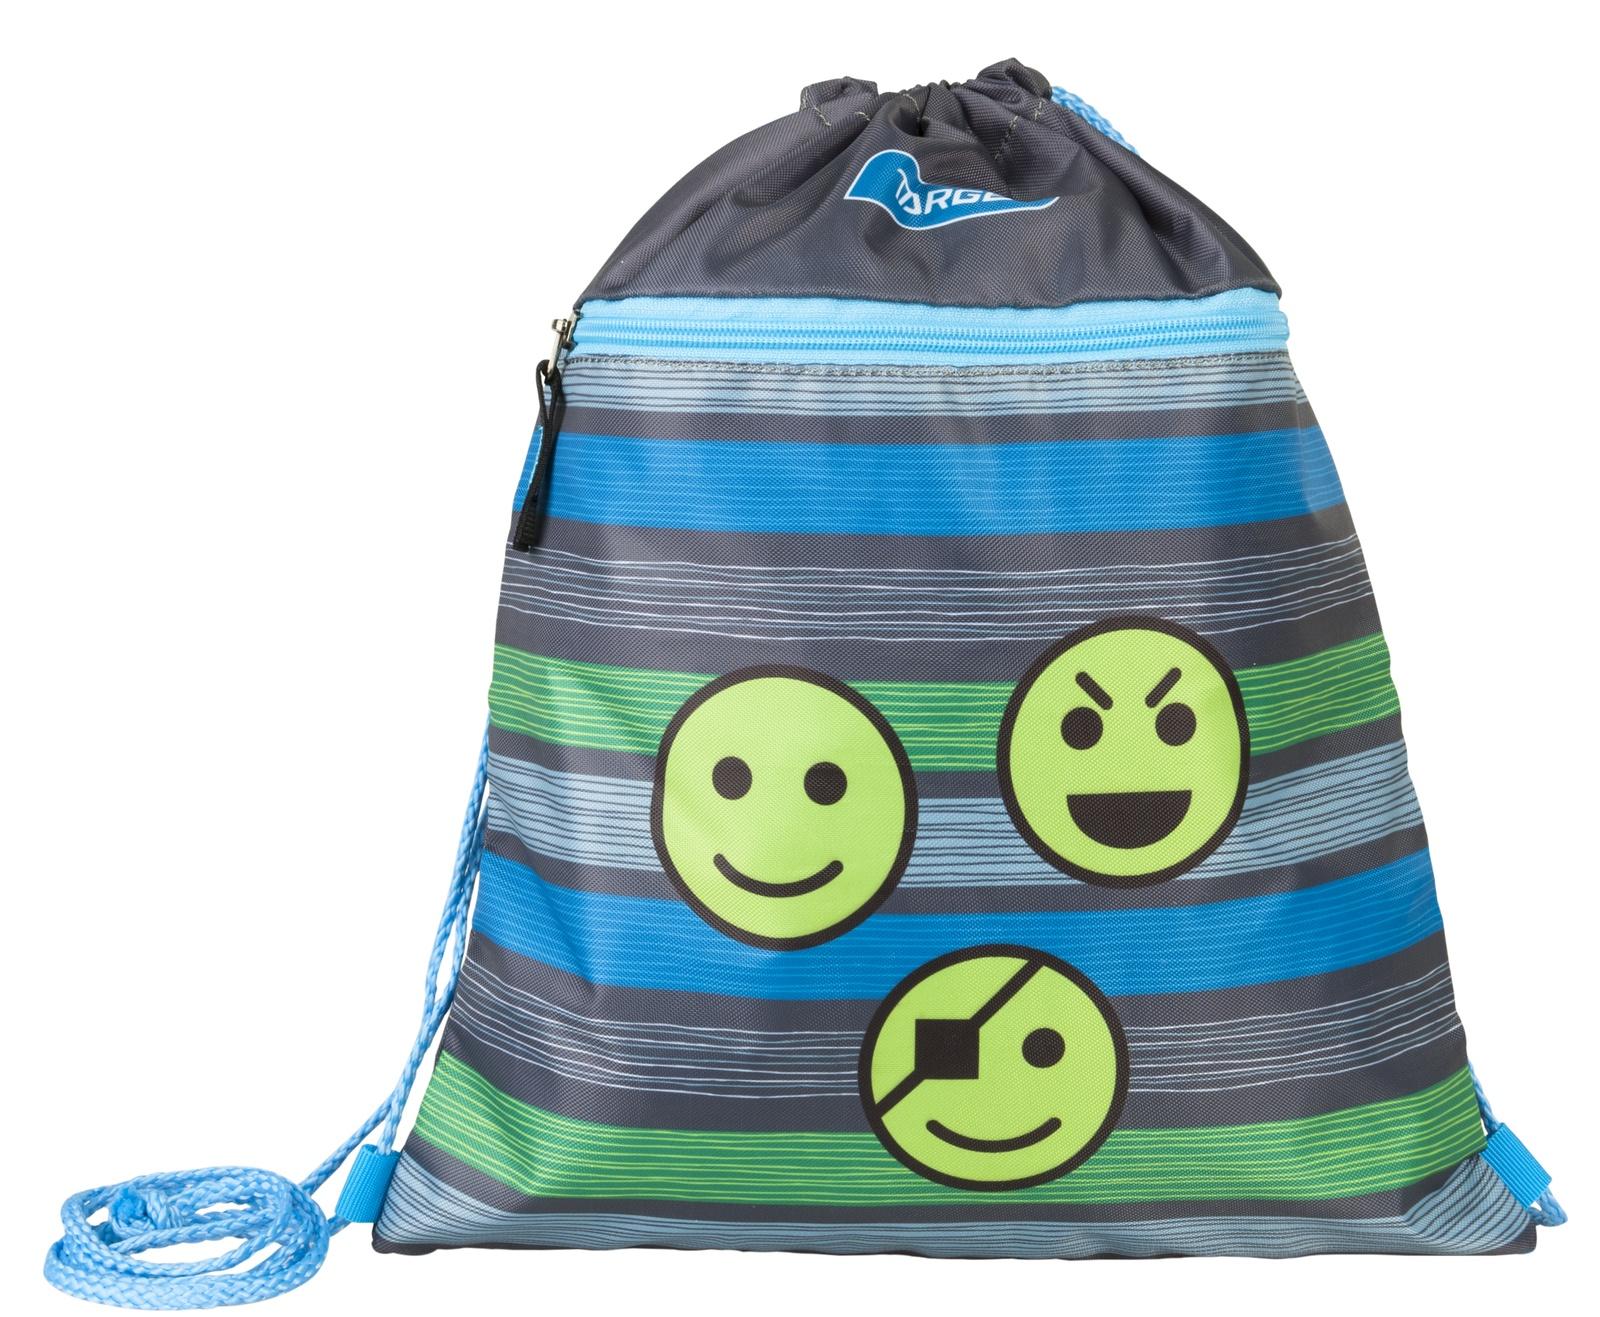 Фото - Сумка Target для детской сменной обуви Смайлики сумка target для детской сменной обуви sparkling цвет синий